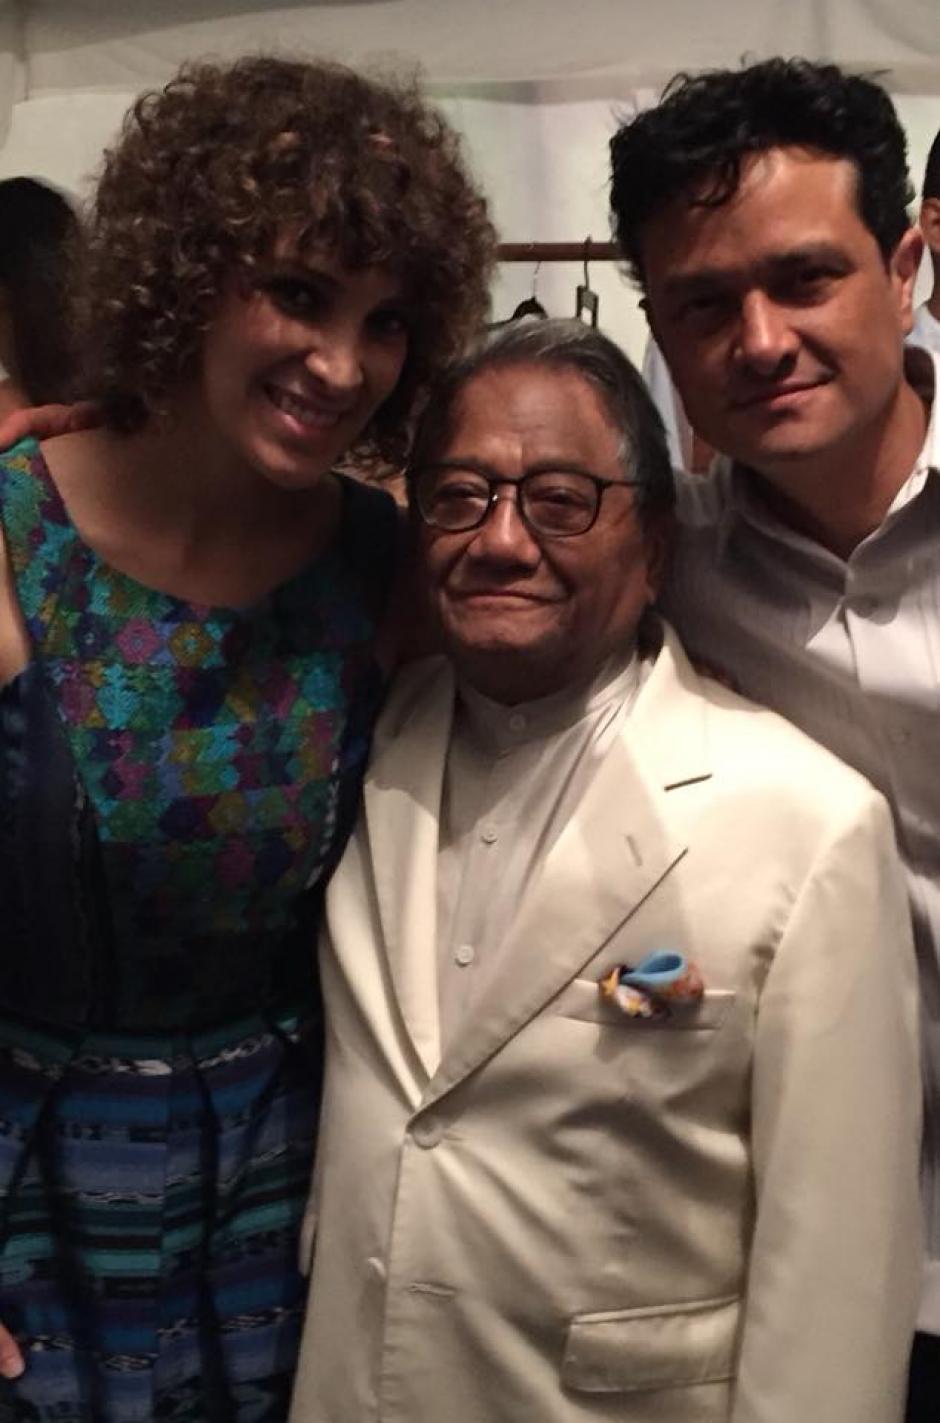 Armando Manzanero y Juan Pablo Manzanero compartieron con la cantautora guatemalteca. (Foto: Gaby Moreno oficial)